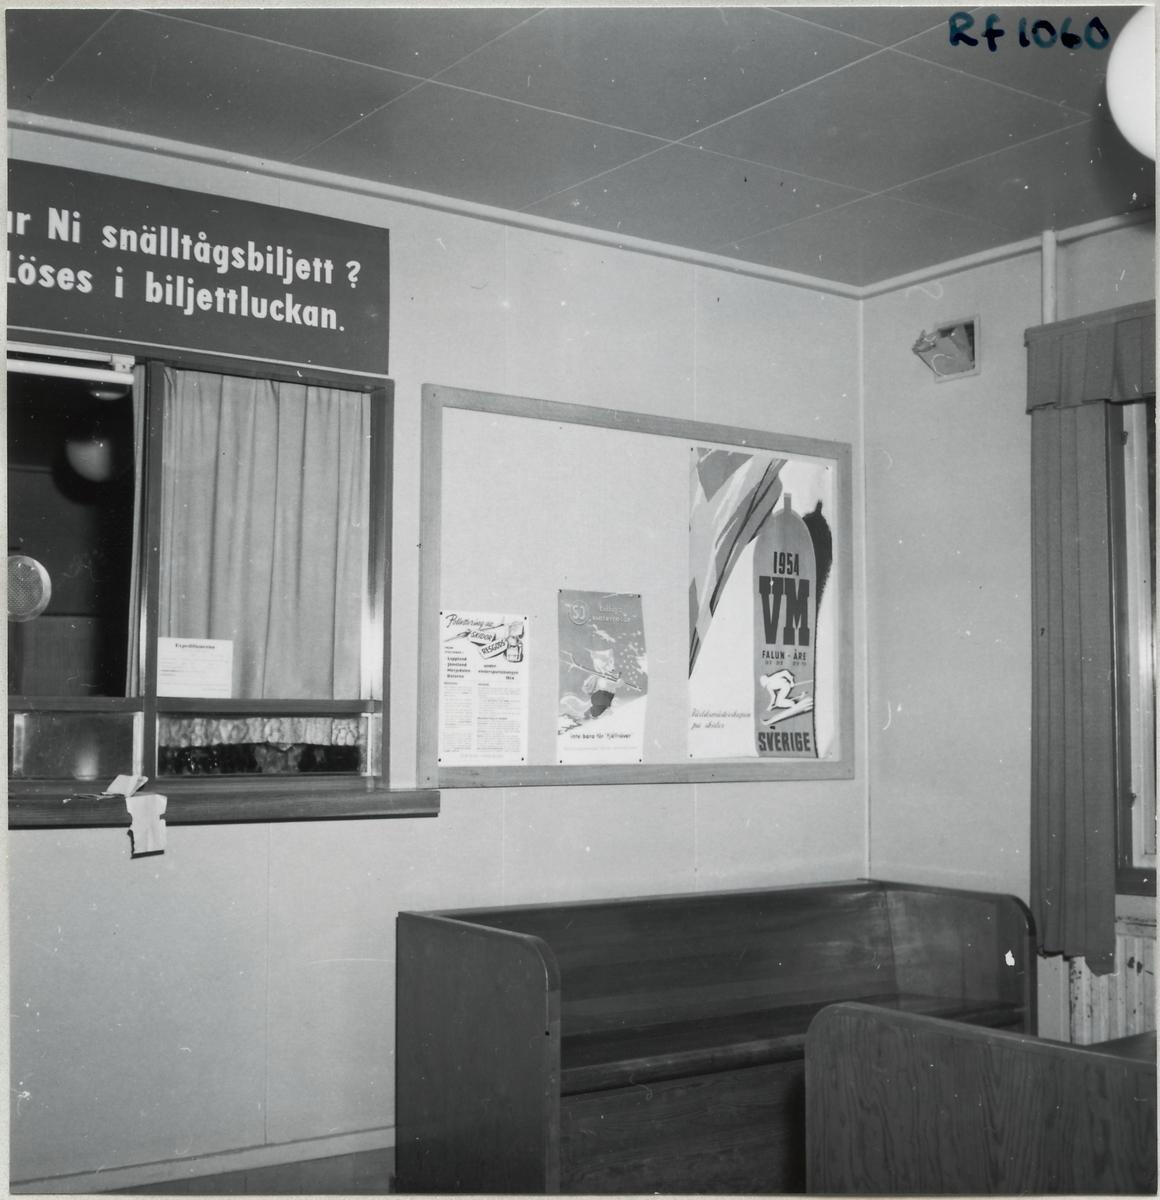 Interiör från Grycksbo station.